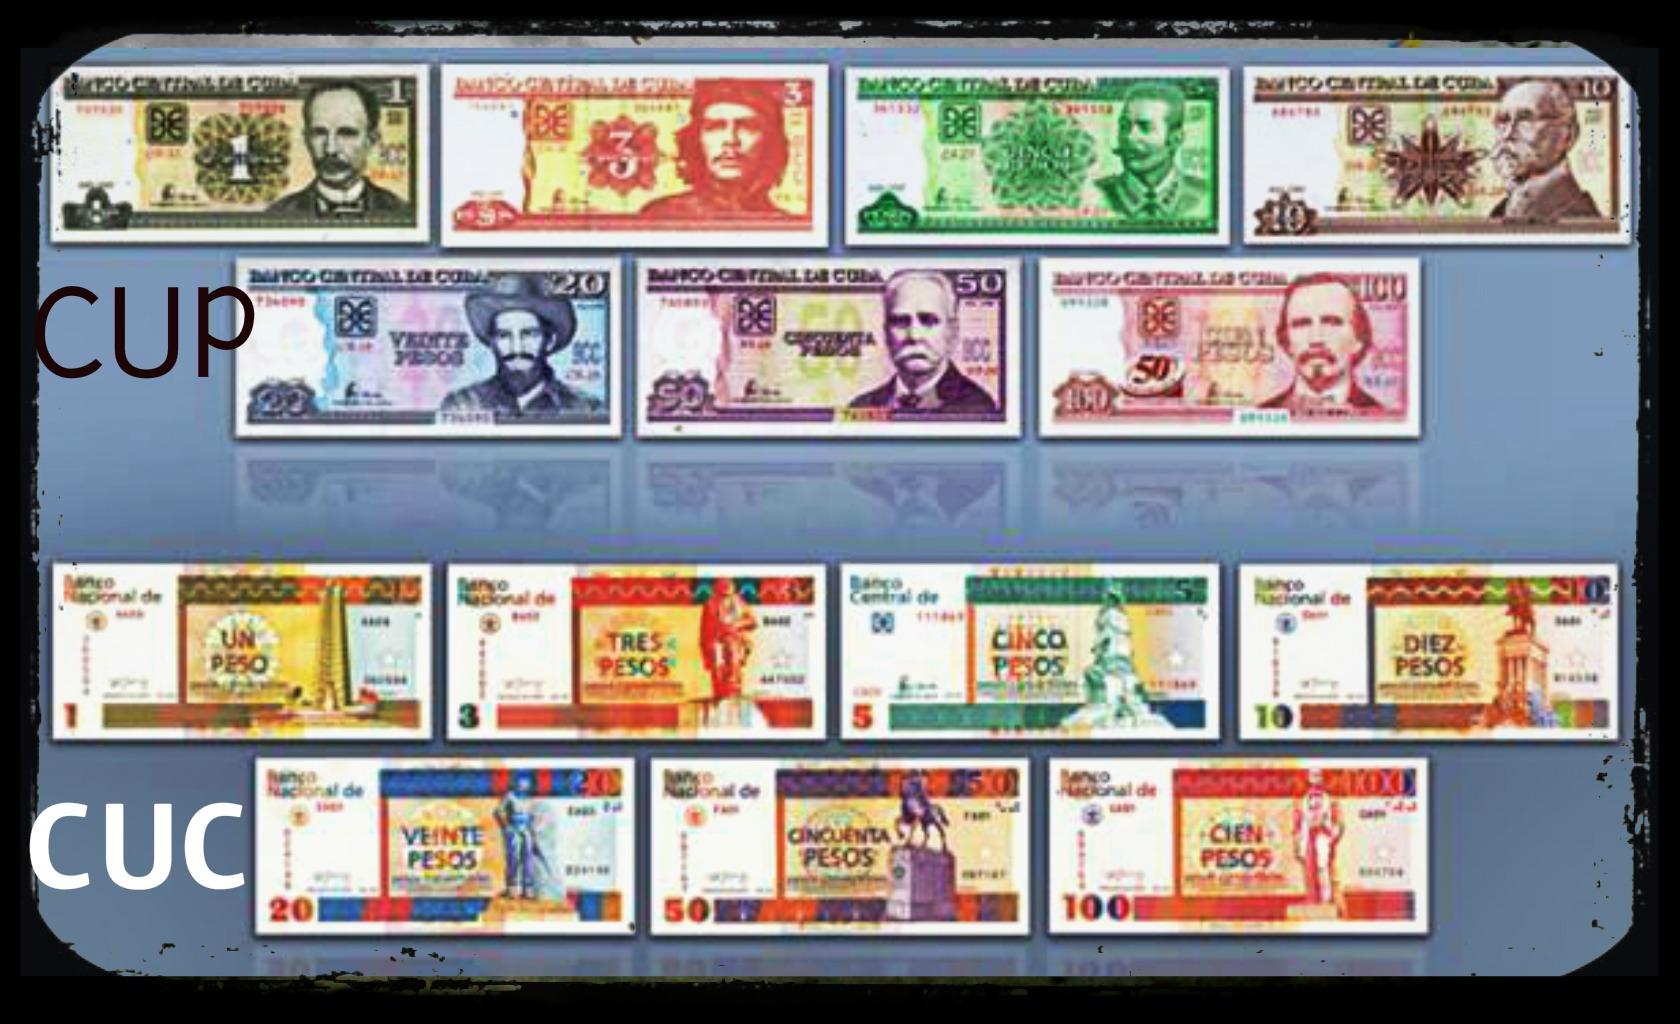 La double monnaie à Cuba, devenez un expert